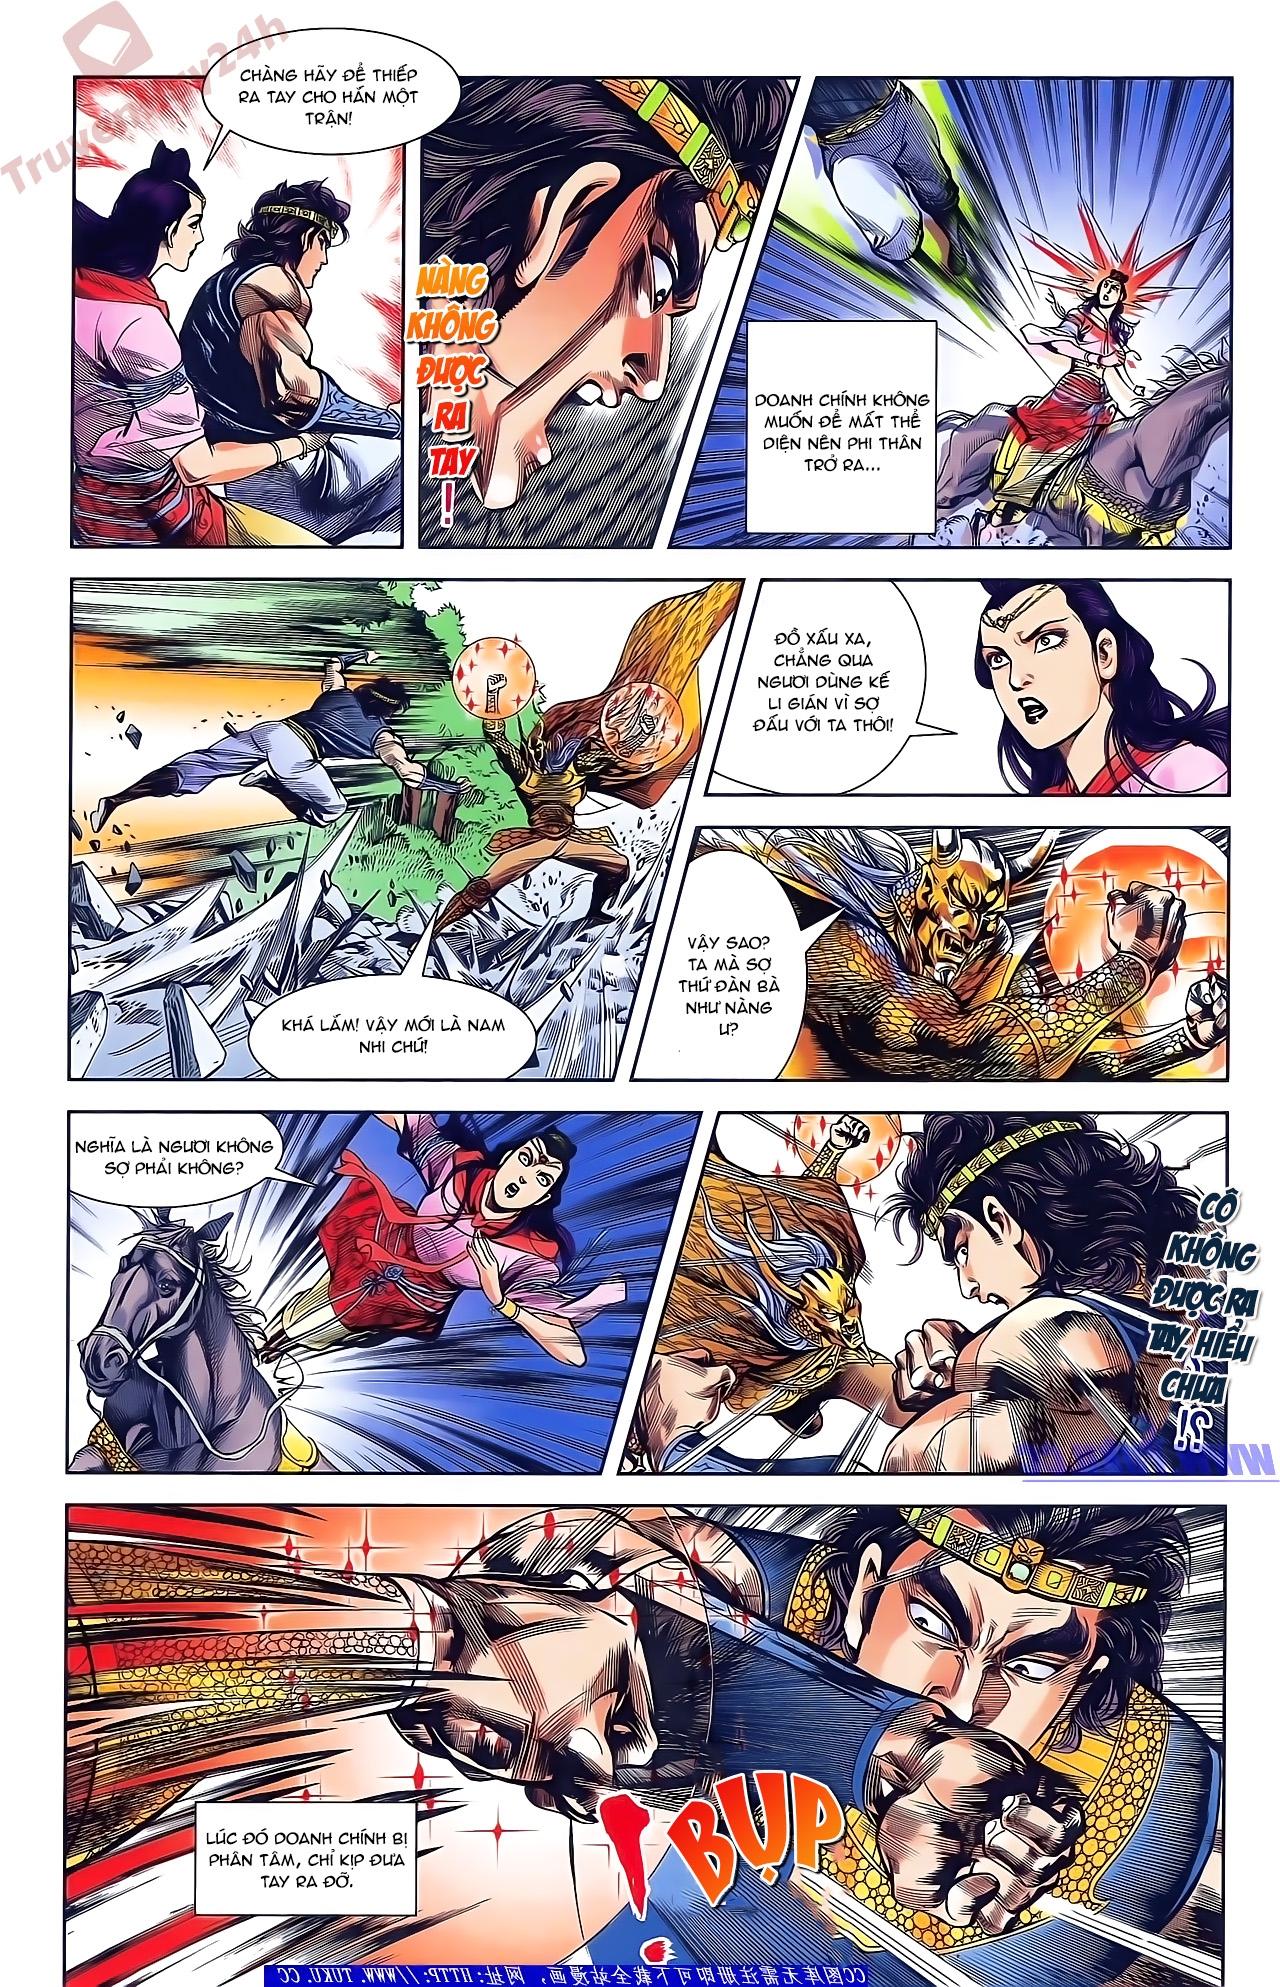 Tần Vương Doanh Chính chapter 49 trang 15